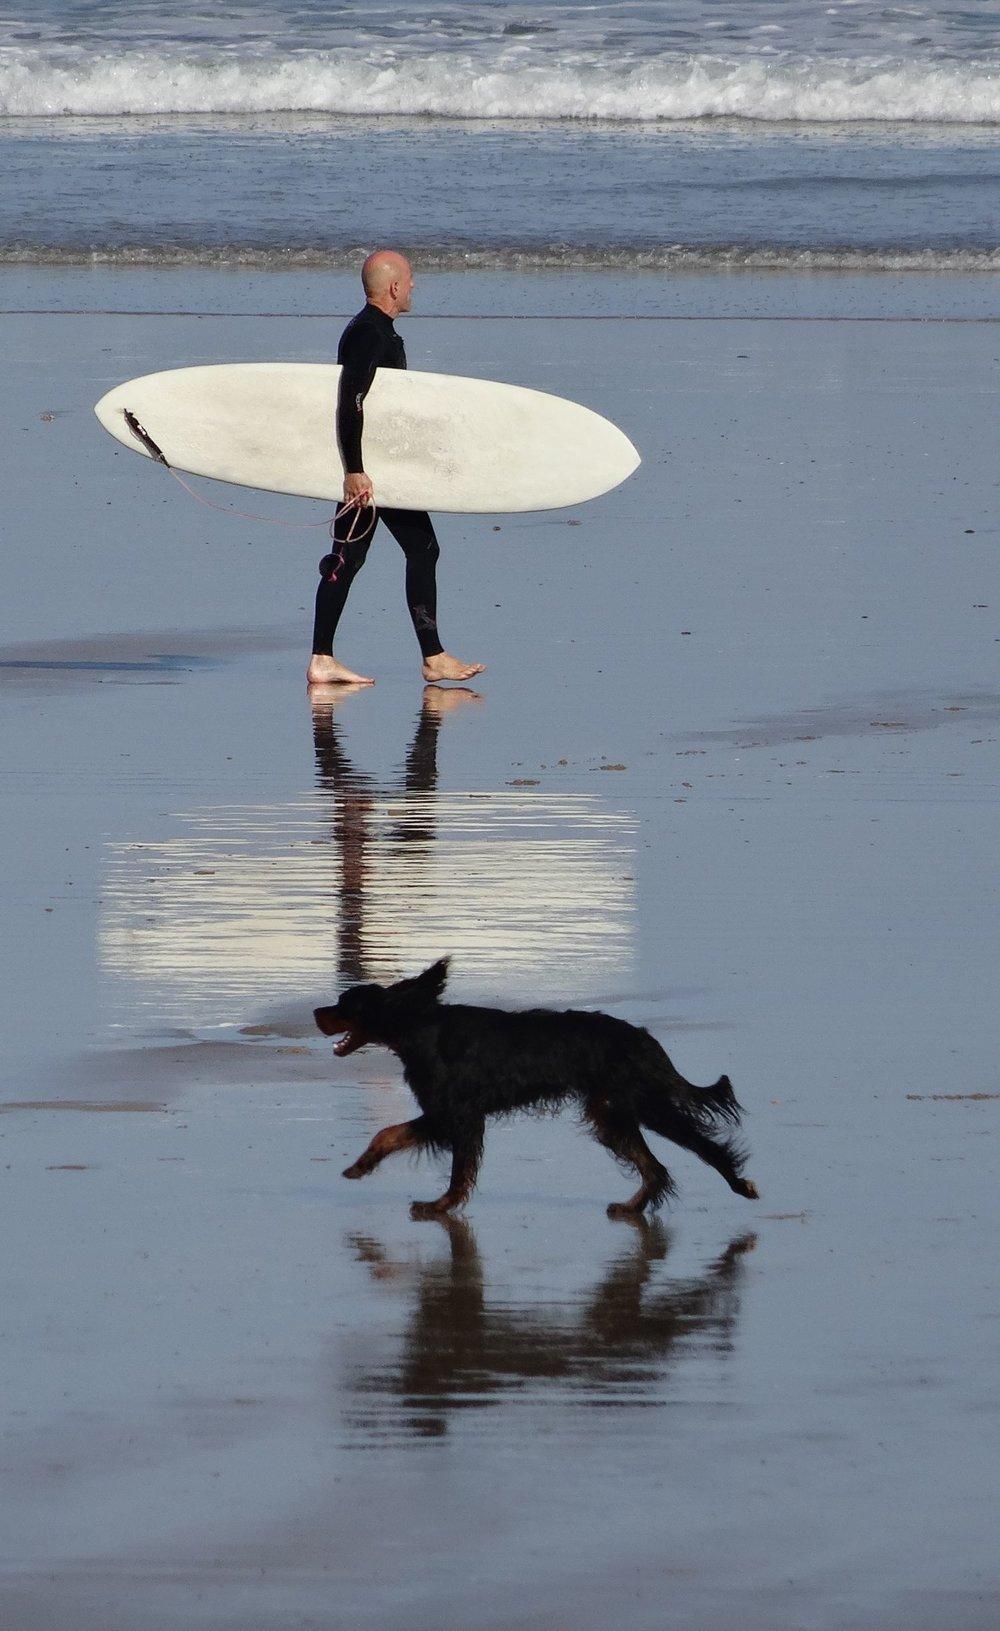 Basque coast | surfeur | a dog meets a surfer on the beach | Atlantic ocean |©sandrine cohen